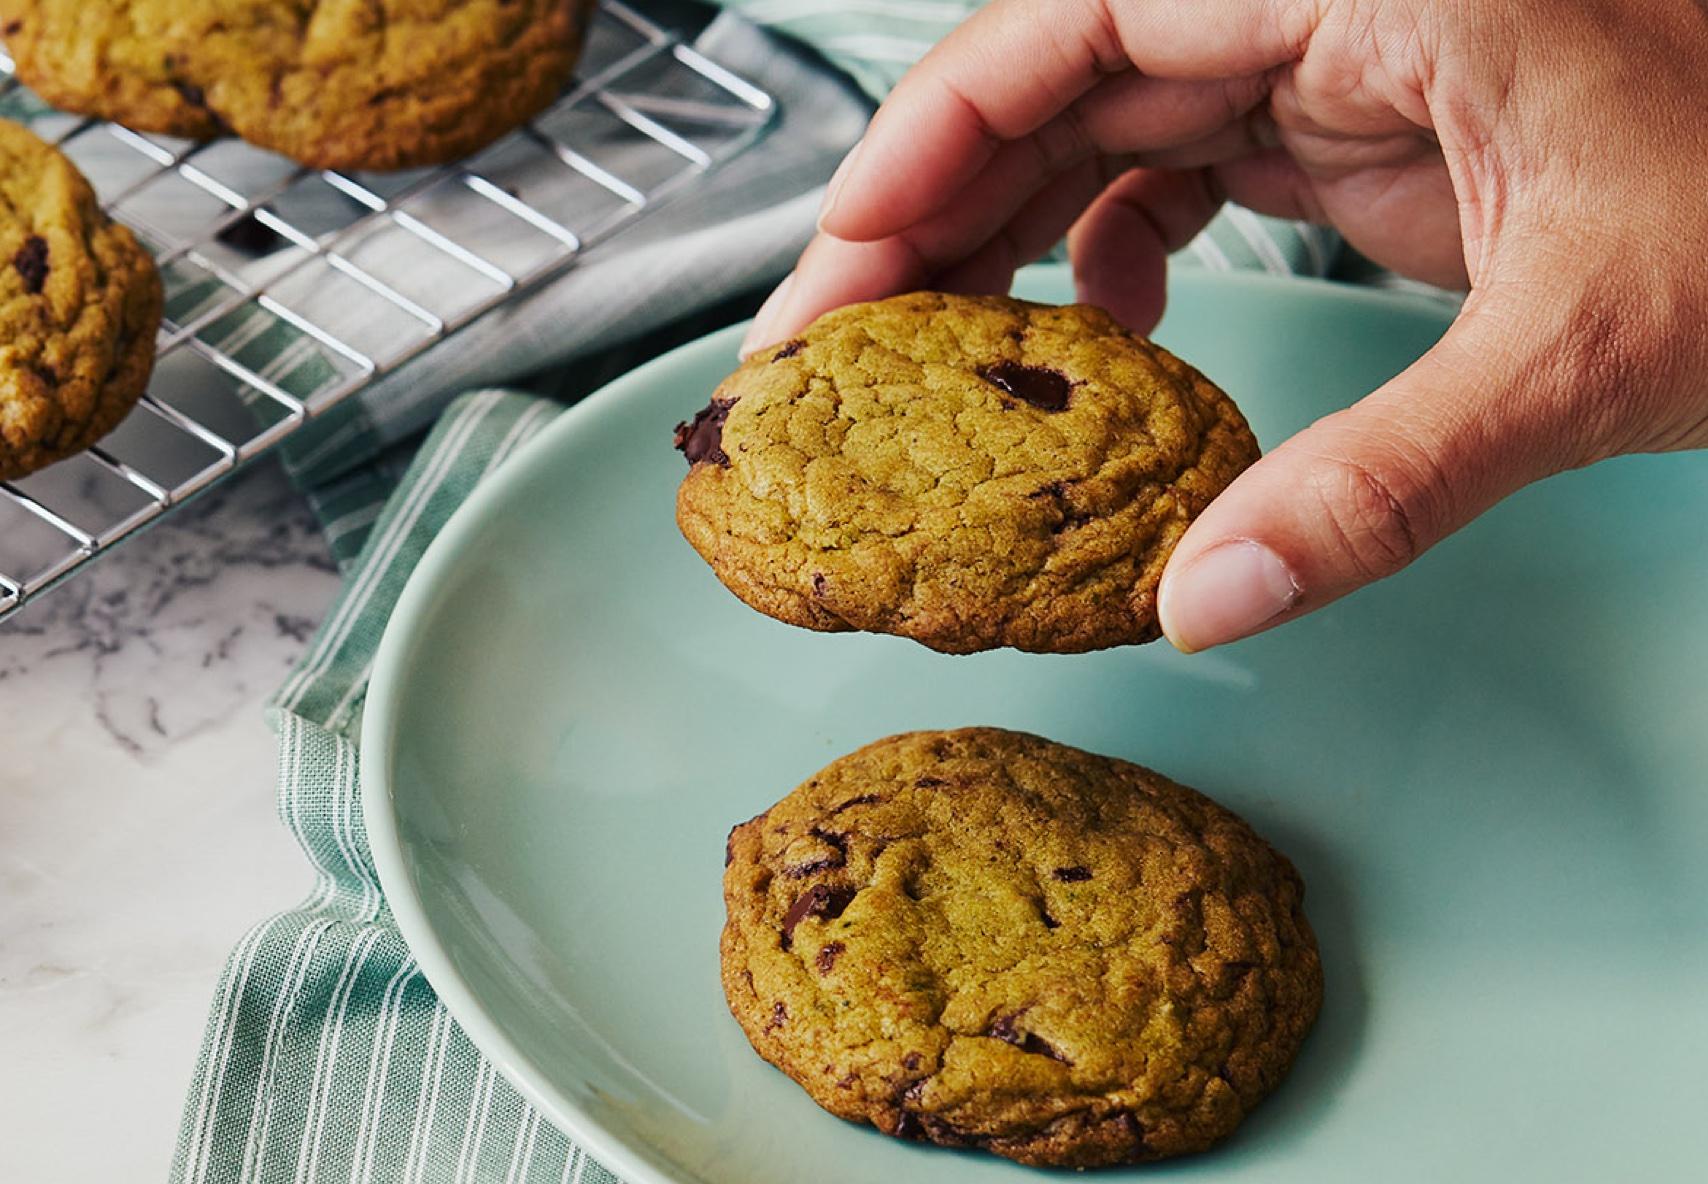 Une main s'apprête à tremper un biscuit au chocolat dans un petit verre de lait, plus de biscuits représentés à l'arrière-plan sur une grille de refroidissement.